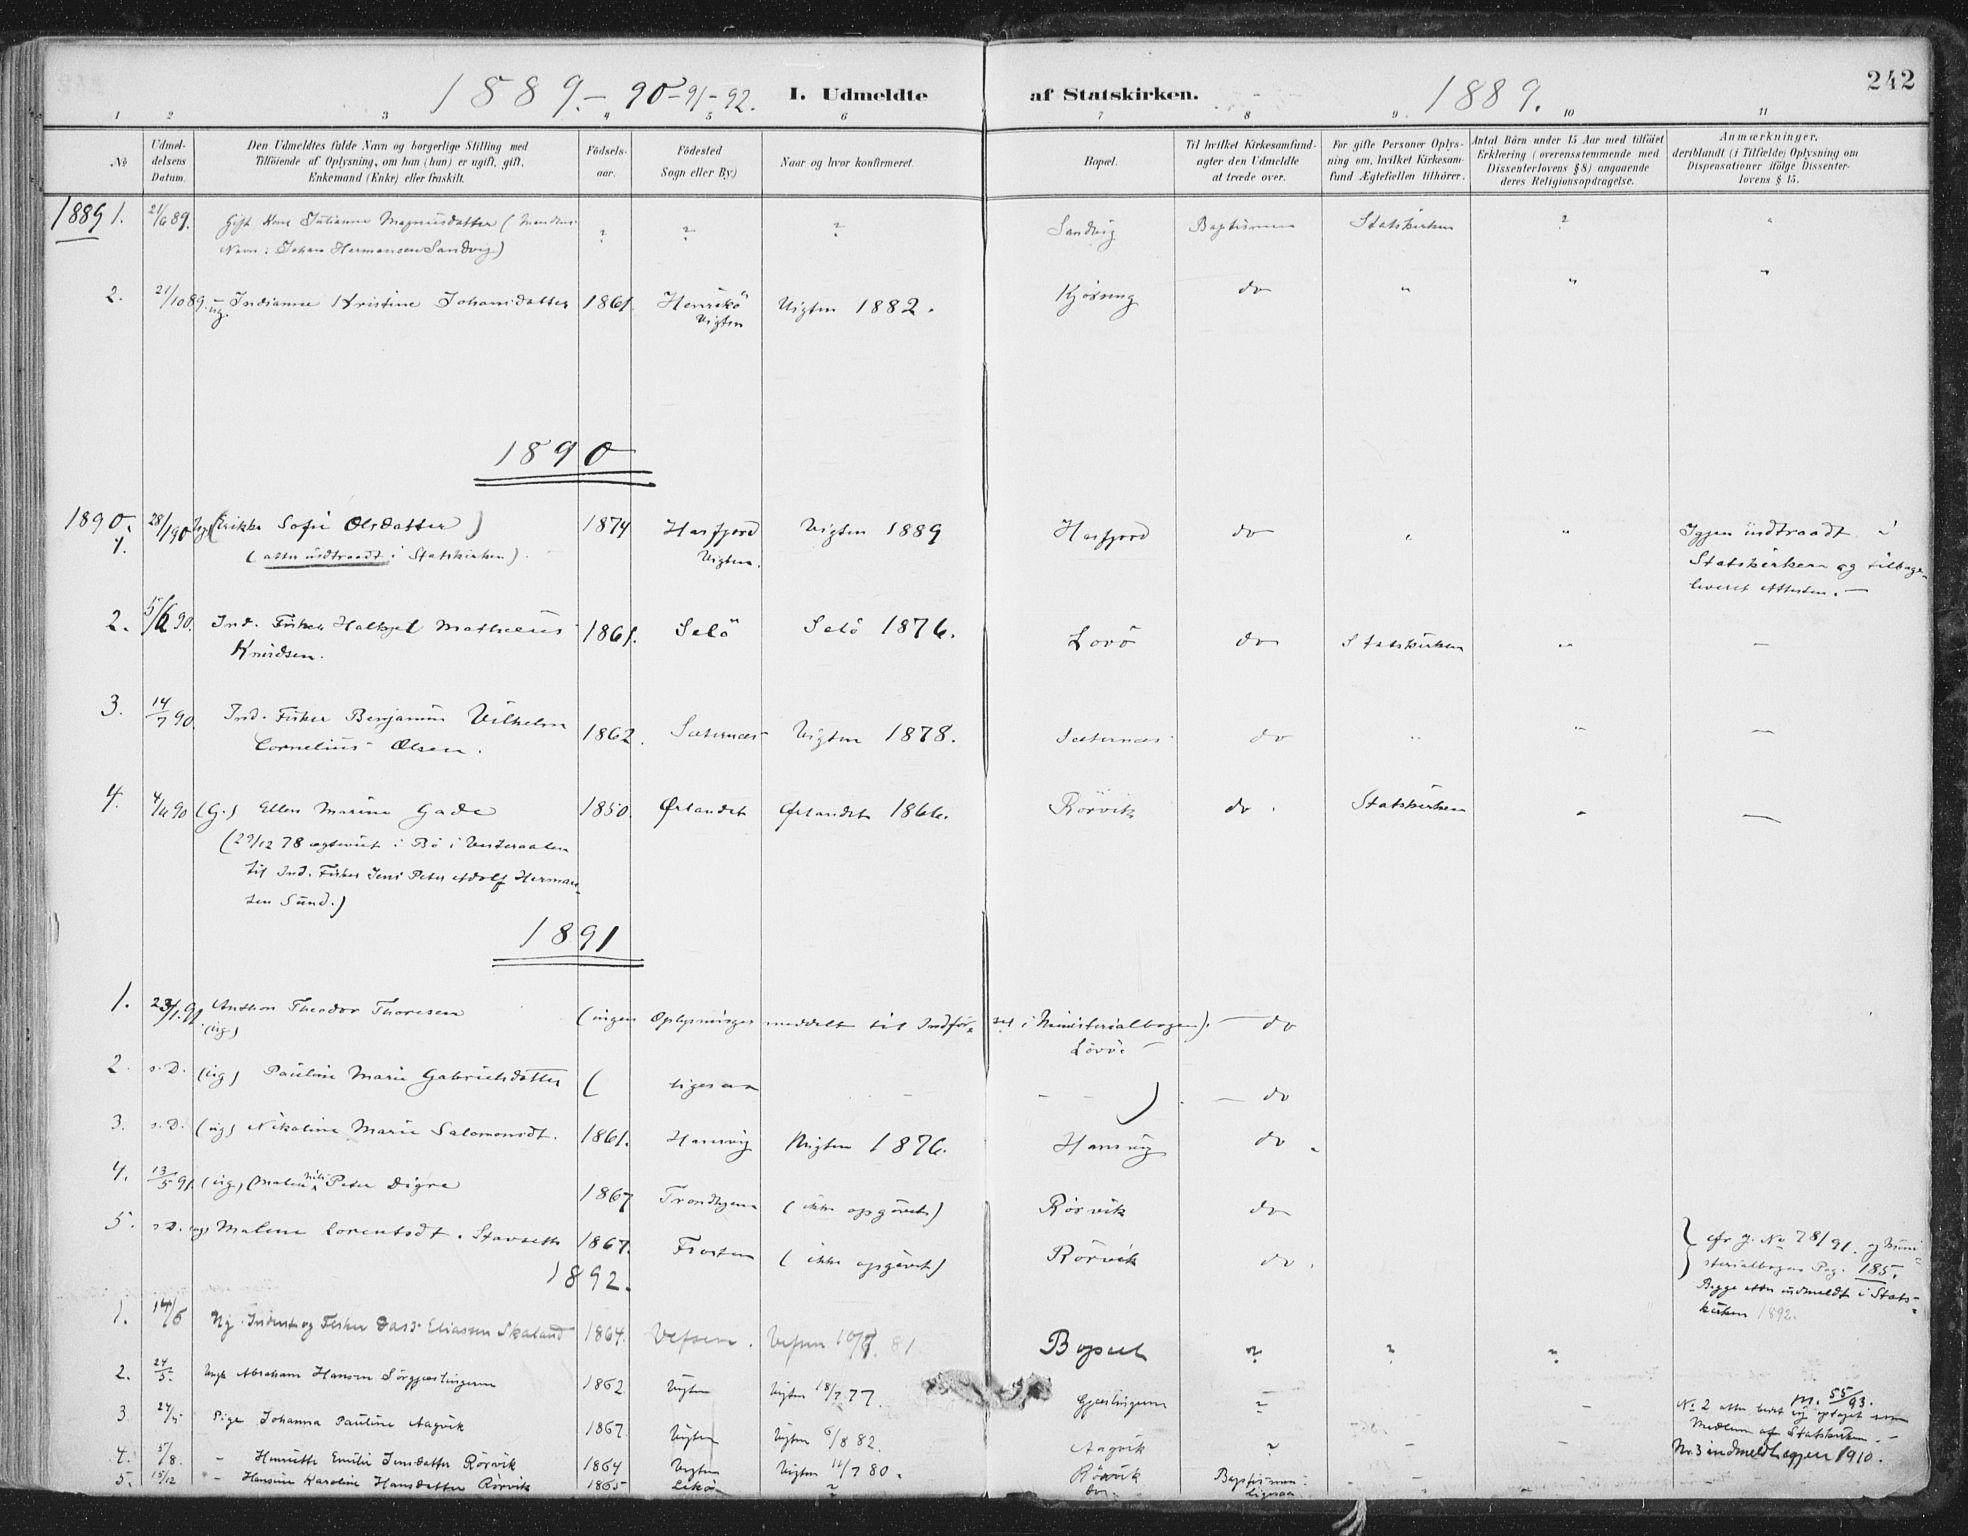 SAT, Ministerialprotokoller, klokkerbøker og fødselsregistre - Nord-Trøndelag, 786/L0687: Ministerialbok nr. 786A03, 1888-1898, s. 242